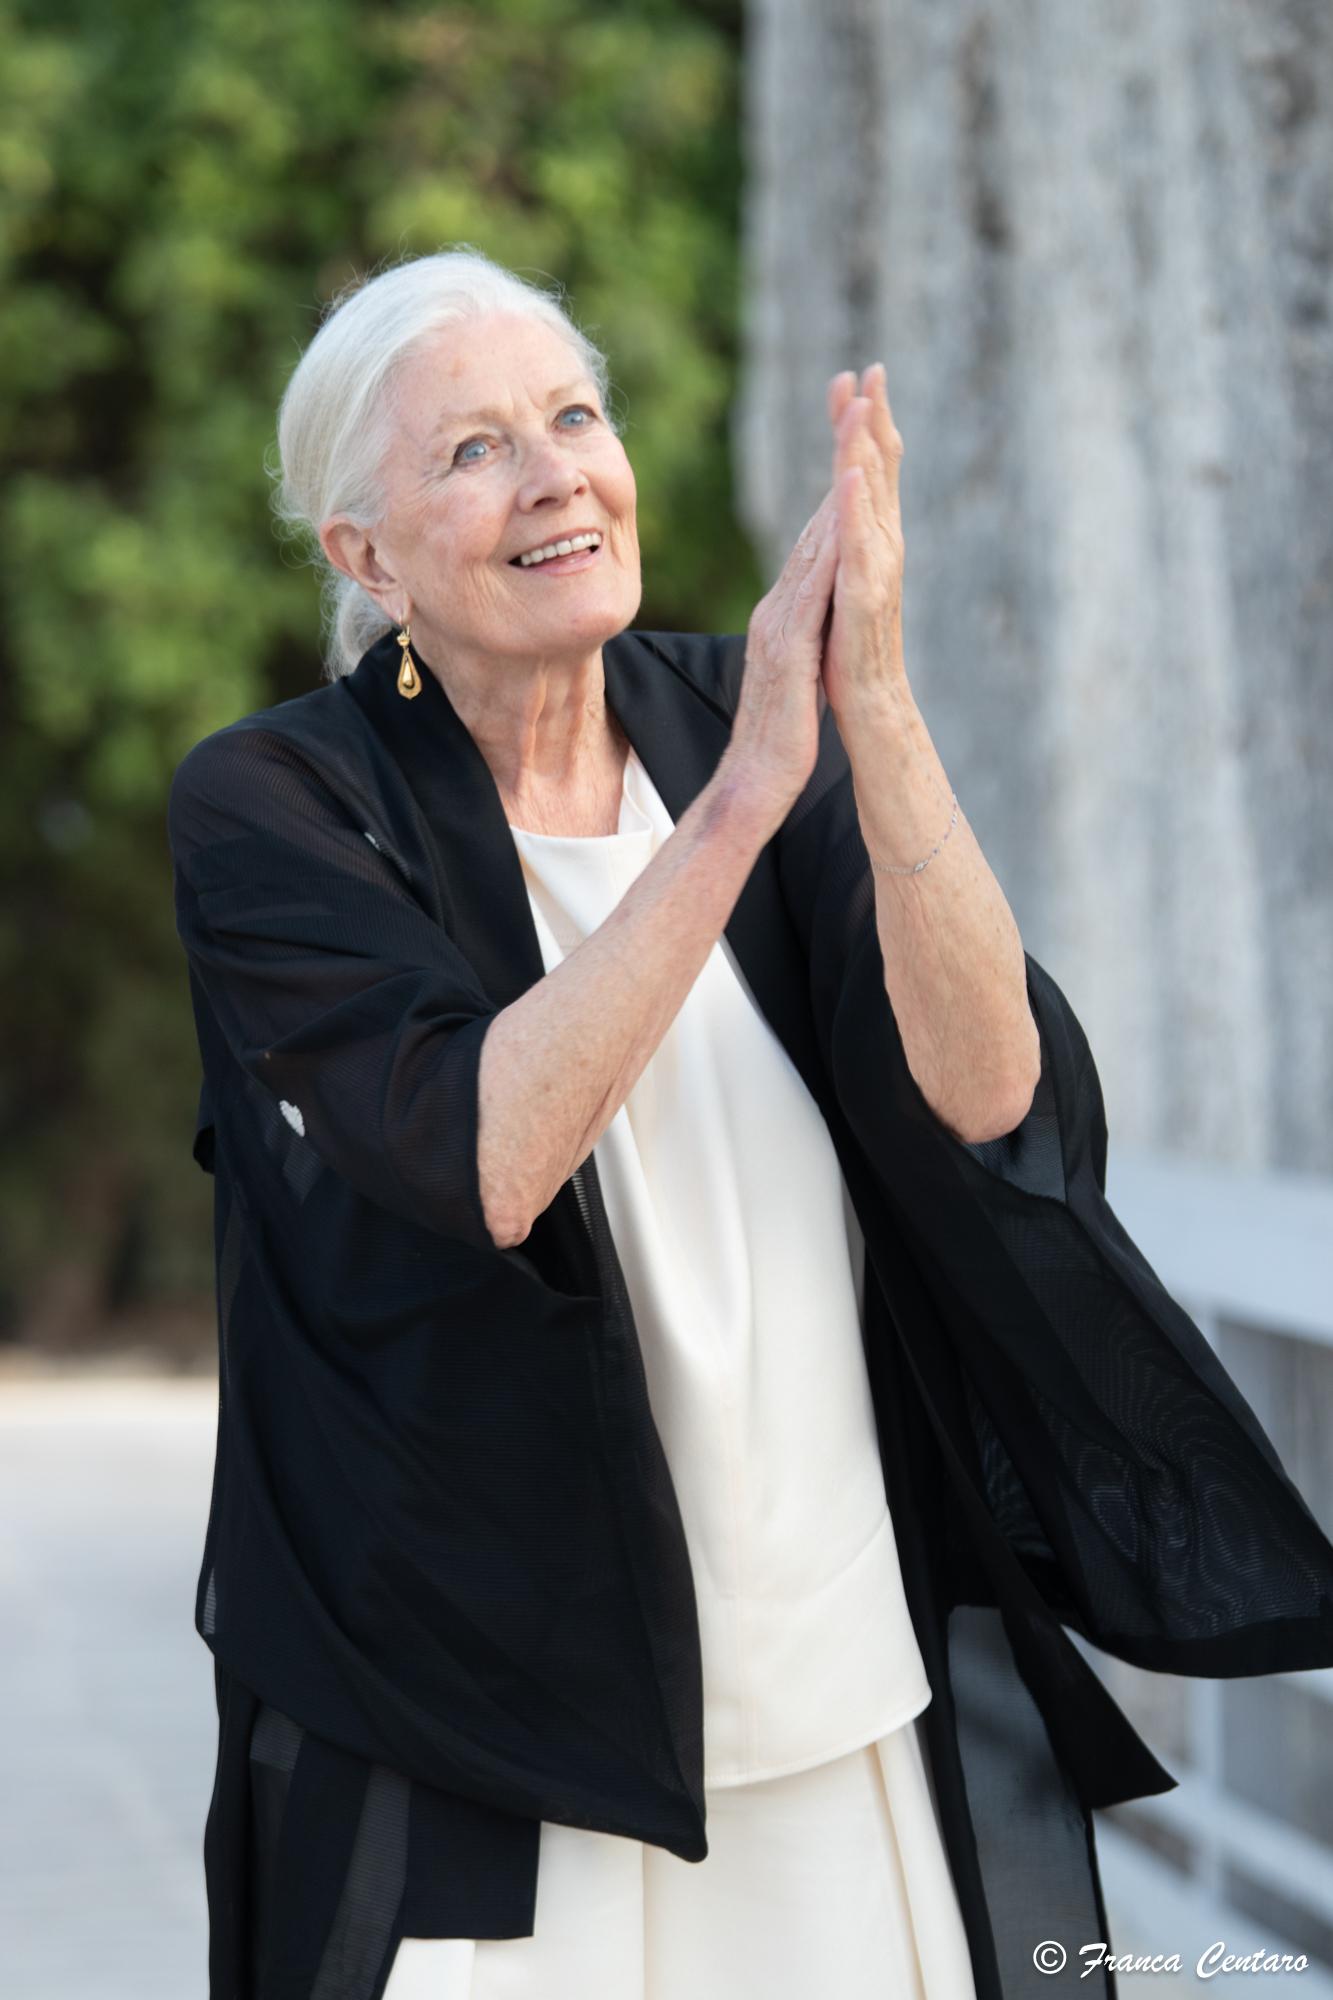 Vanessa Redgrave Eschilo d'oro 2019: le foto della cerimonia di consegna del premio